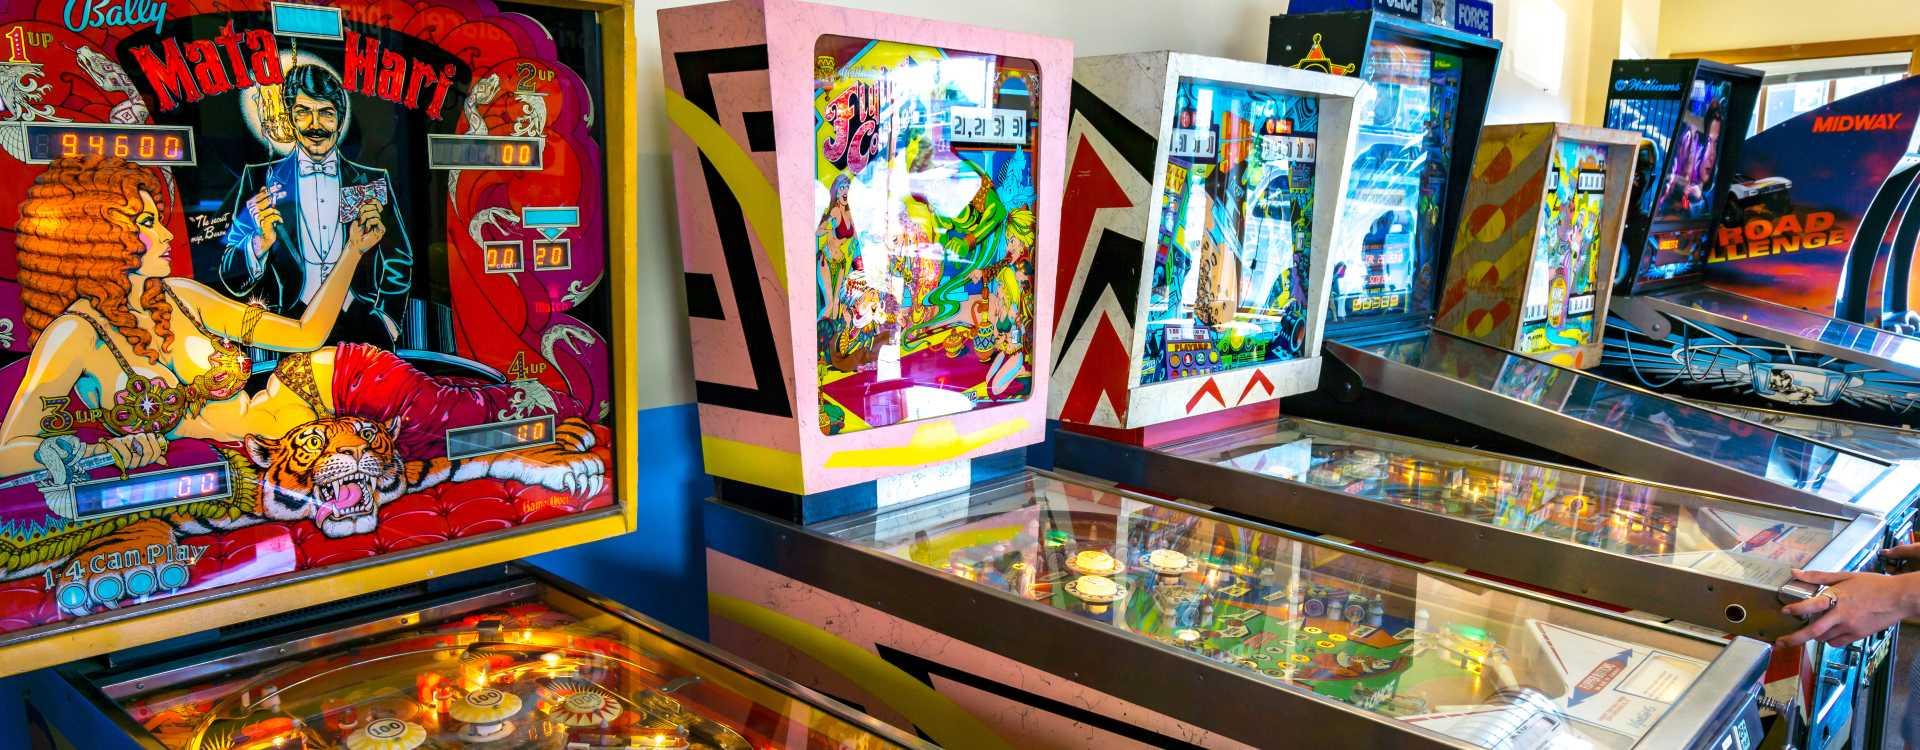 Waterland-Arcade